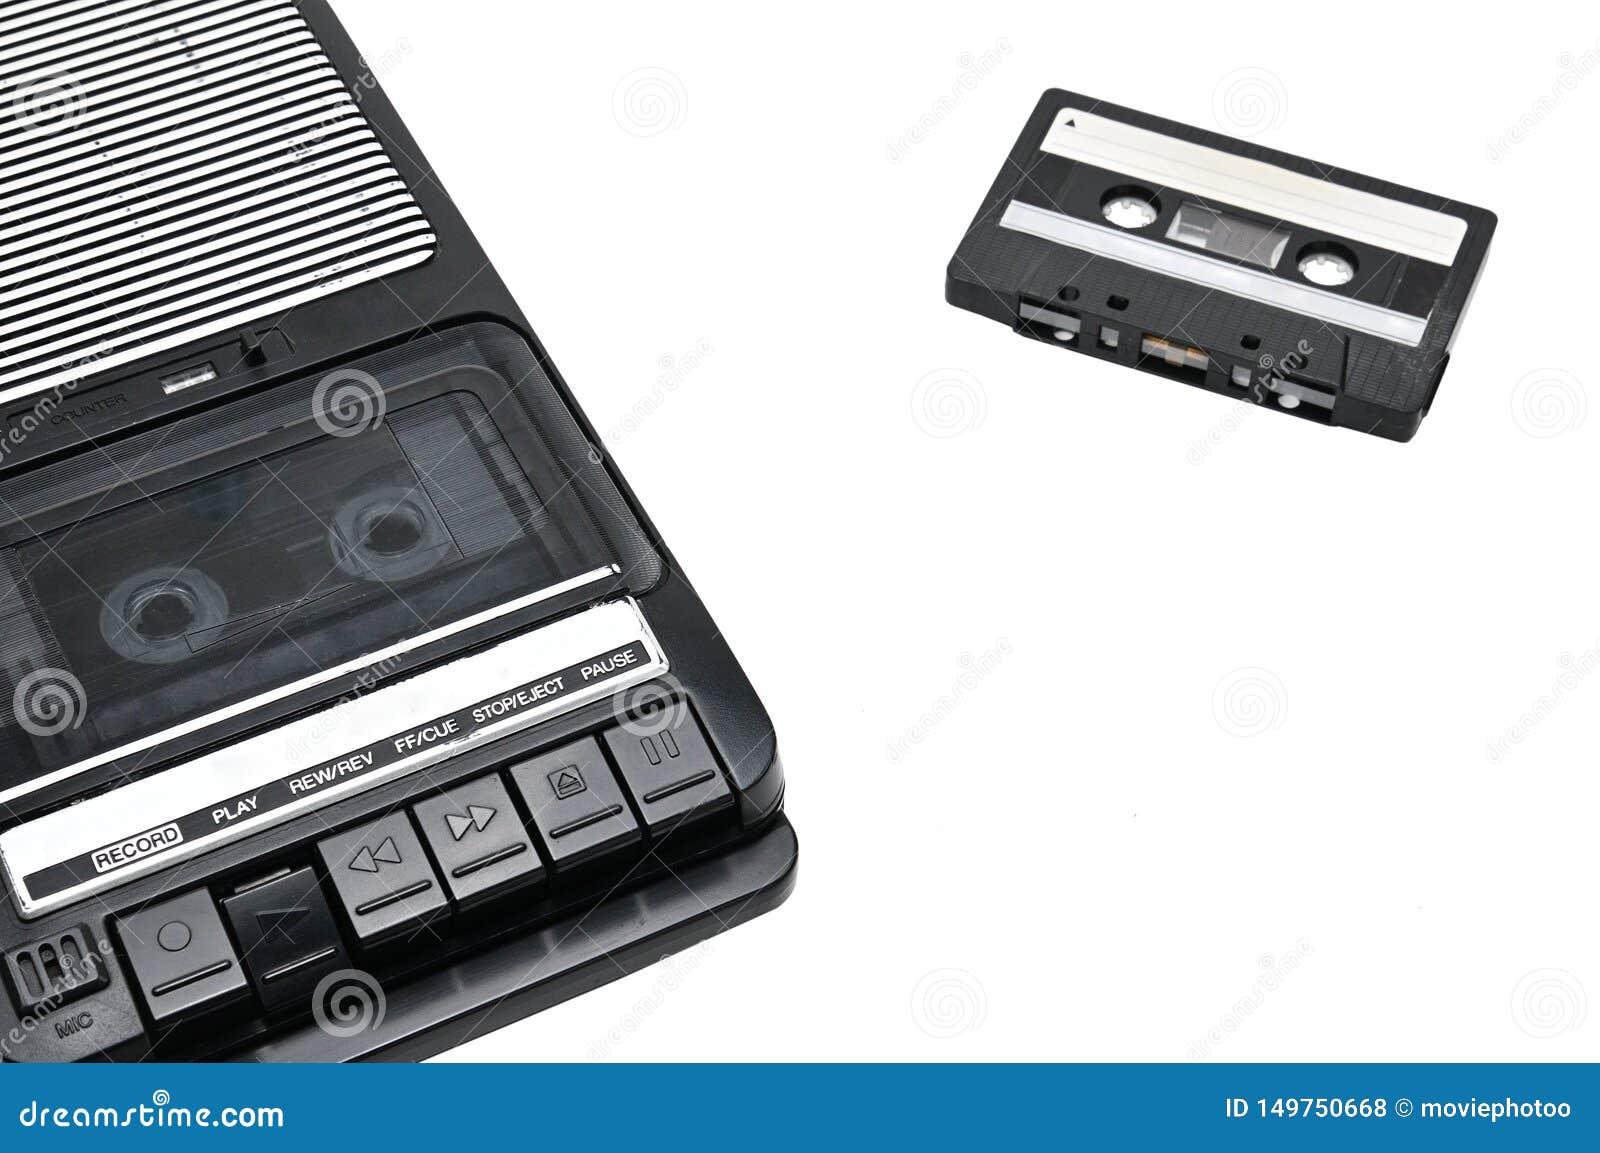 Desktoptype cassetterecorder de van weleer op wit geïsoleerde achtergrond